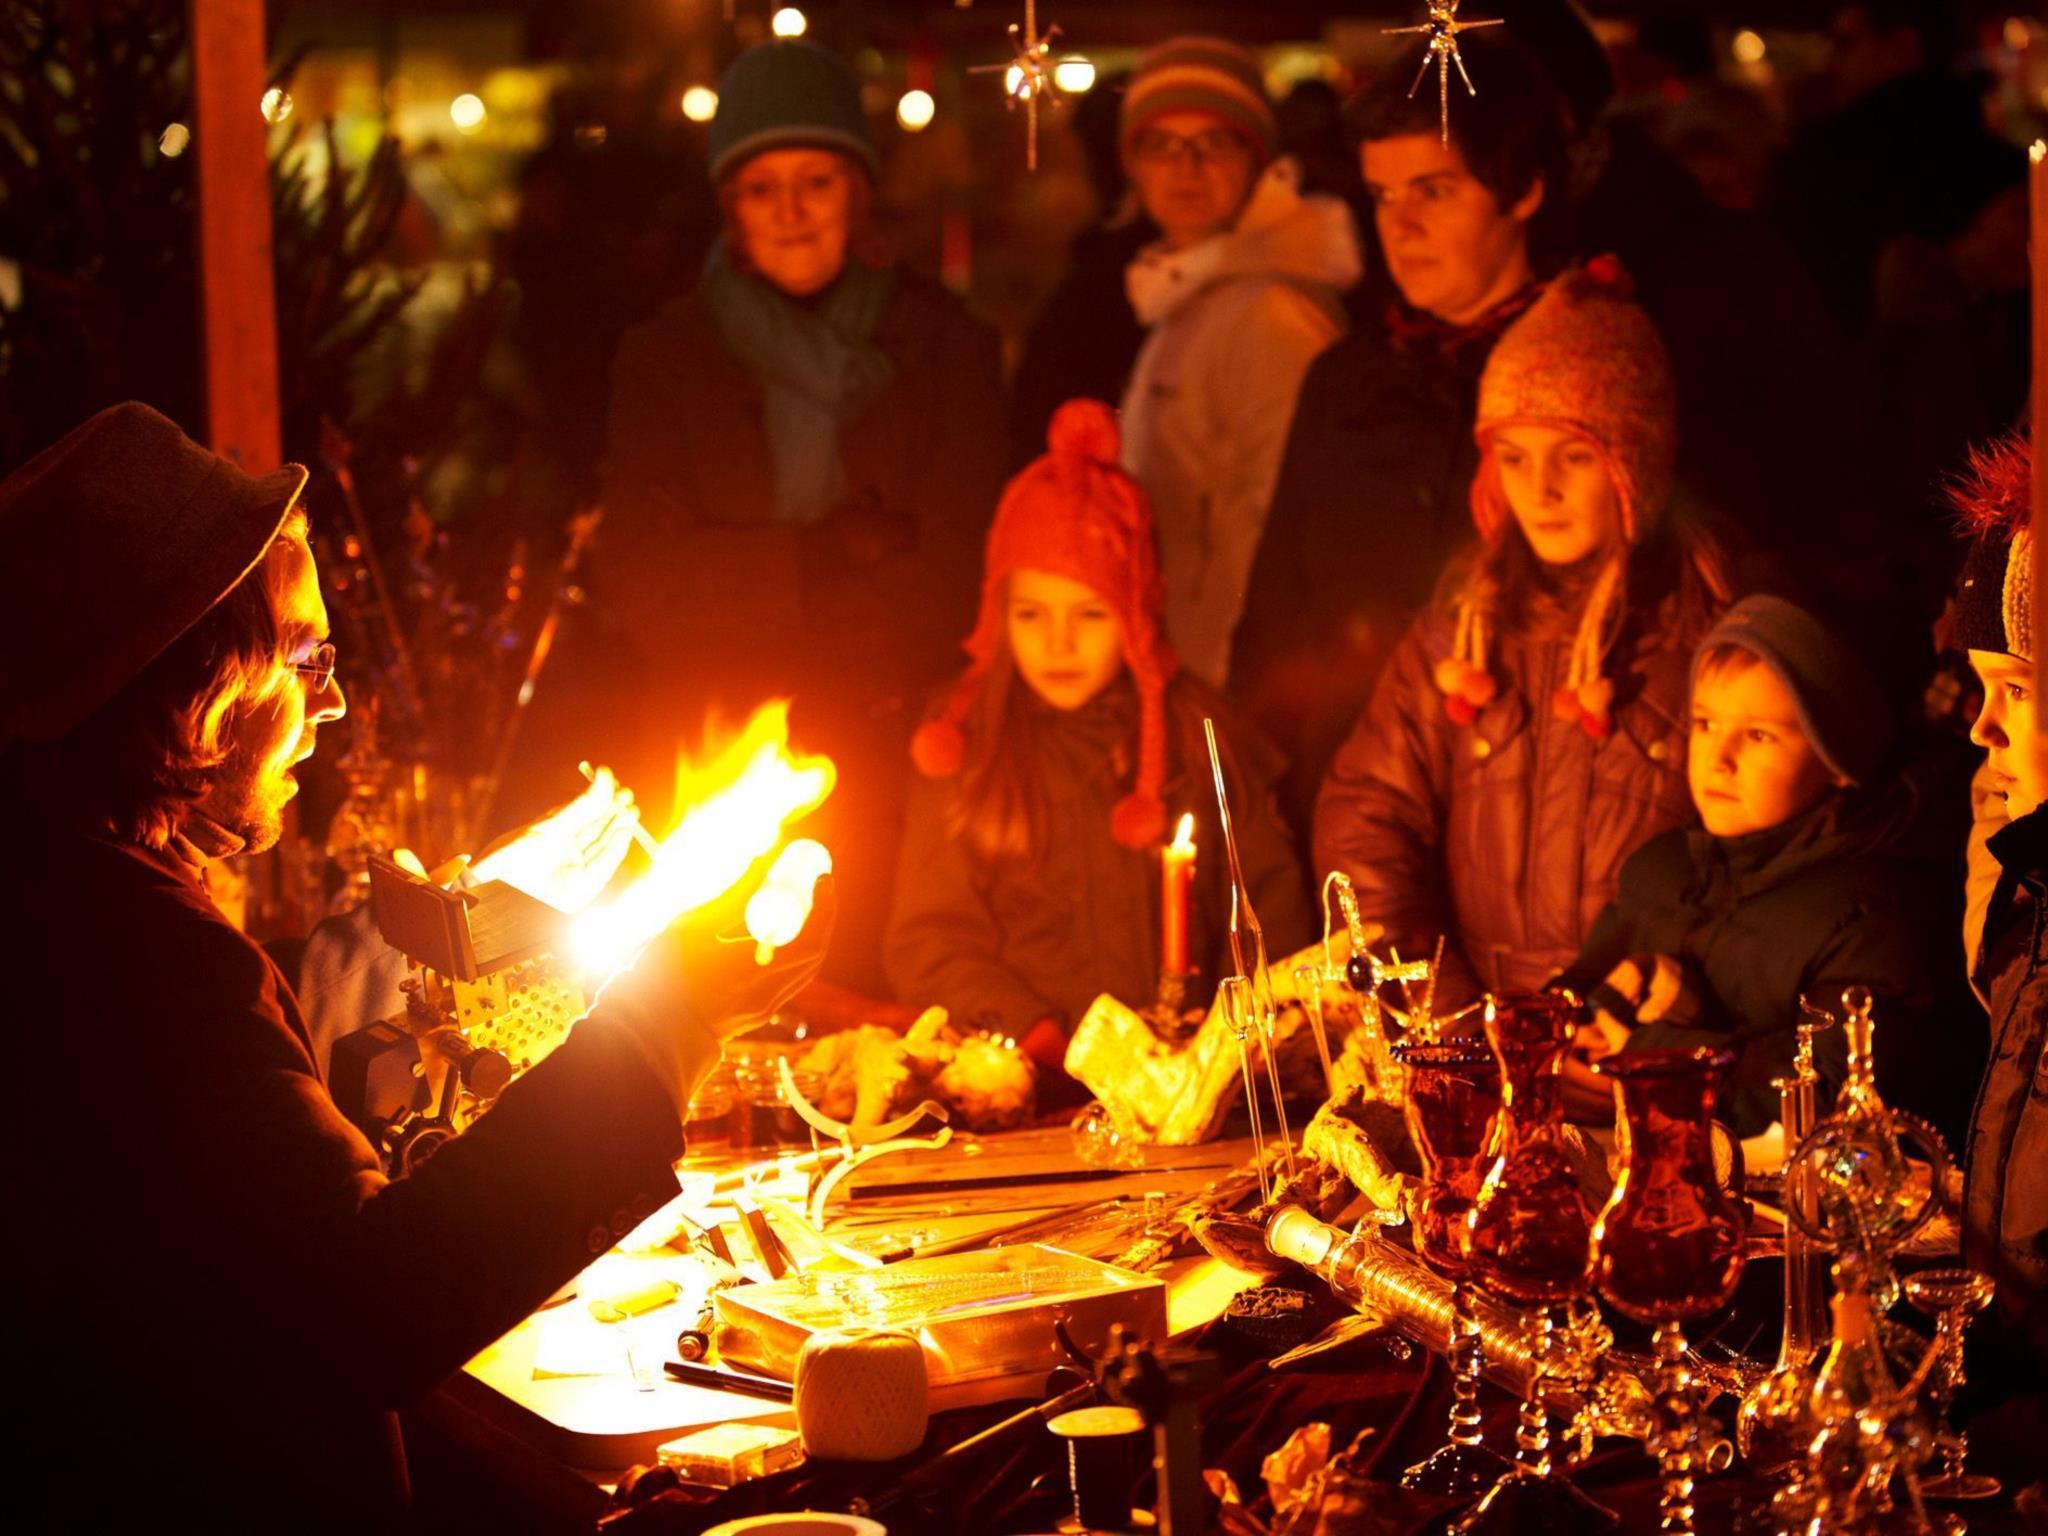 Glasbläser Hilmar Zschiedrich fertigt Weihnachtsschmuck am Markt.